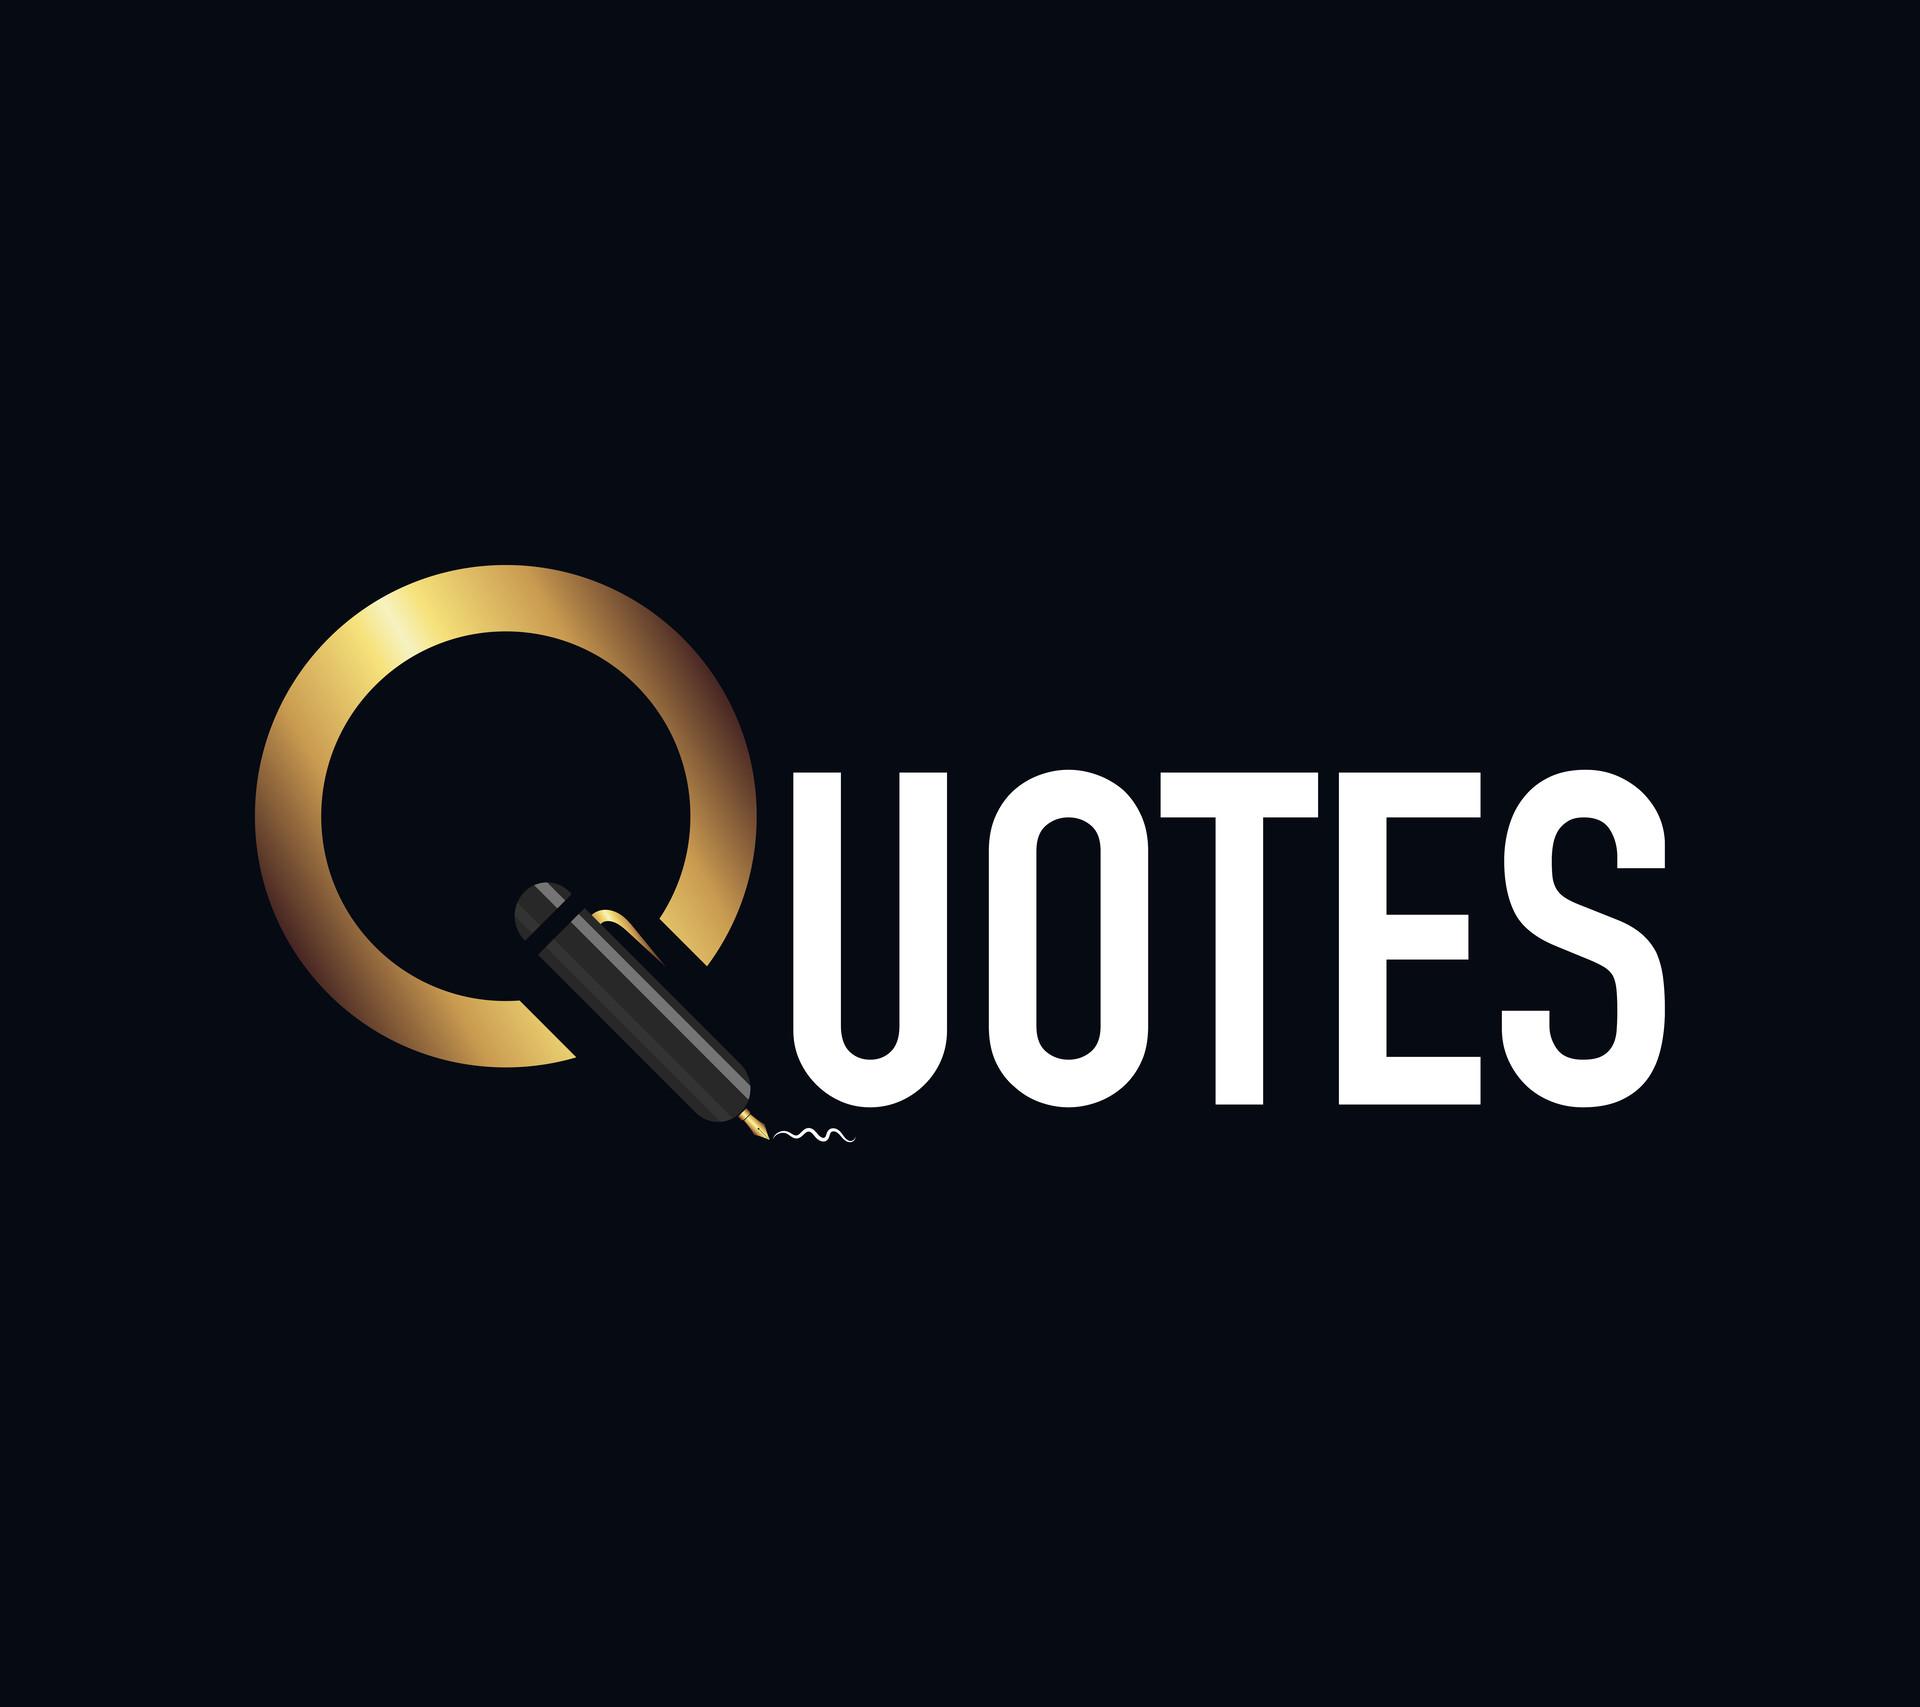 jerry ubah portfolio site quotes app ui design